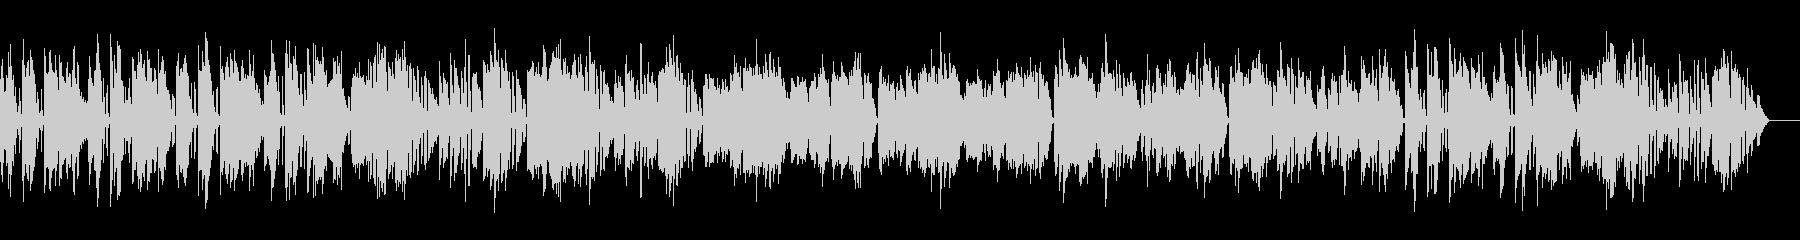 バッハ/メヌエットをヴァイオリン演奏の未再生の波形